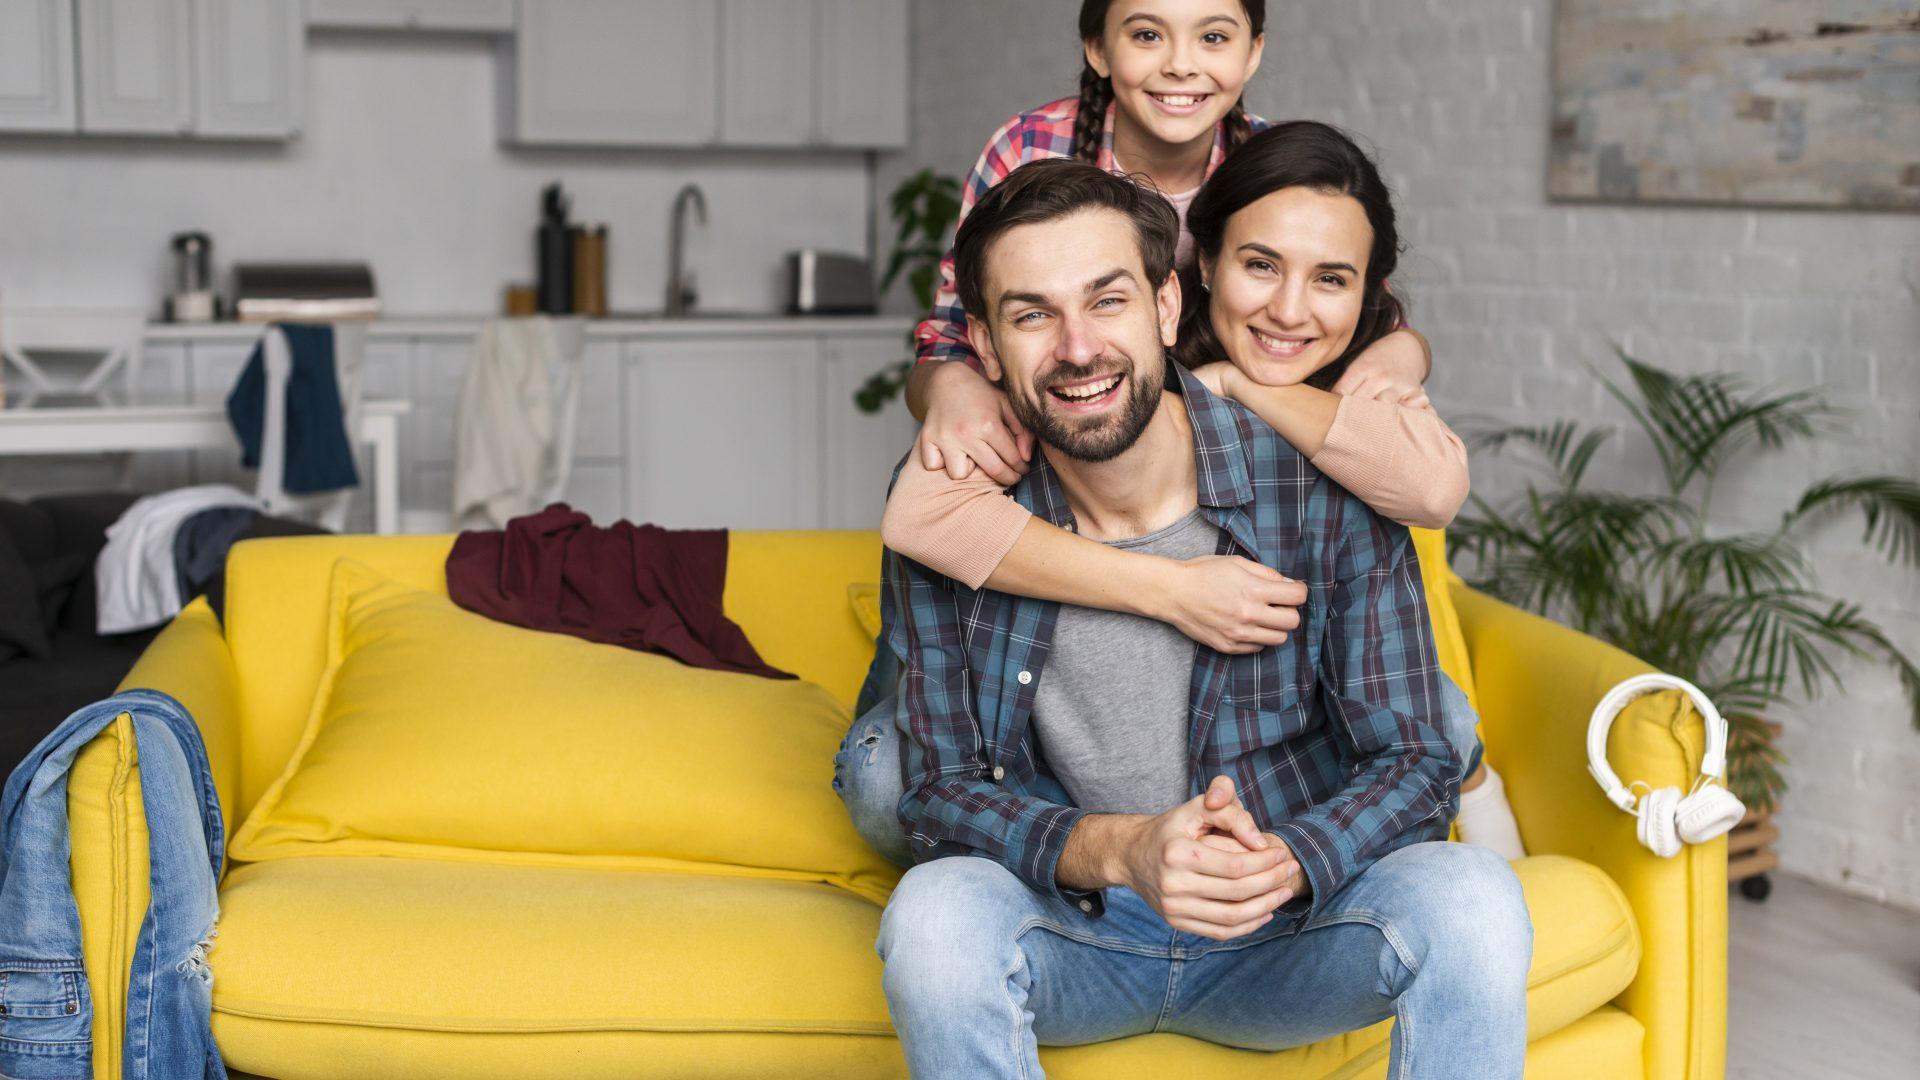 seguro residencial RoeSeguros